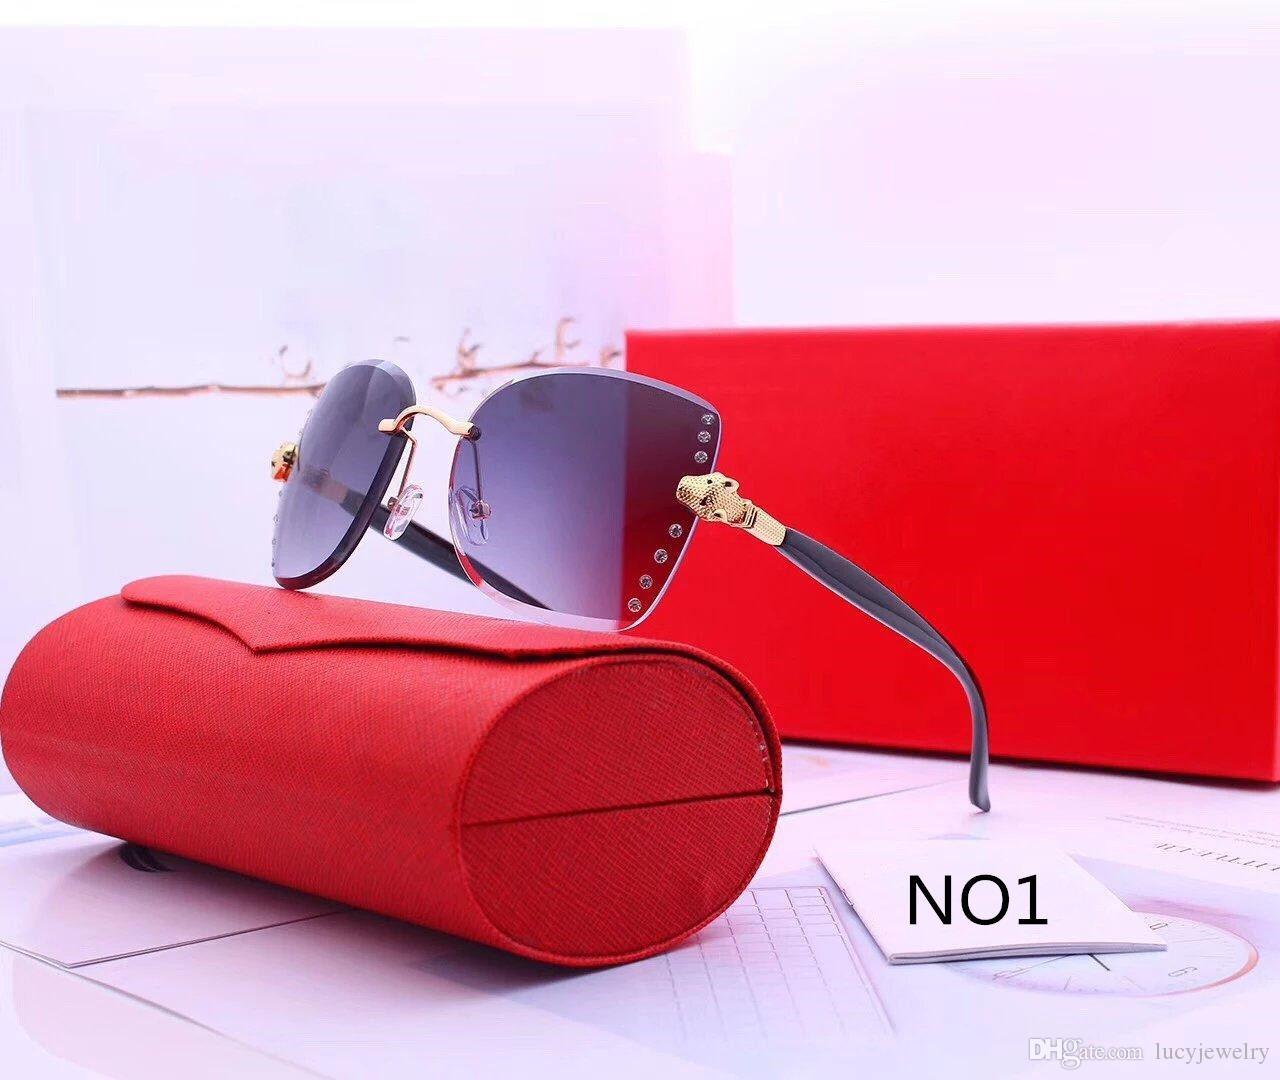 Lunettes de soleil Femmes Lunettes de soleil d'été pour Femme Mode Verres Adumbral 6 Couleur Haute Qualité avec boîte